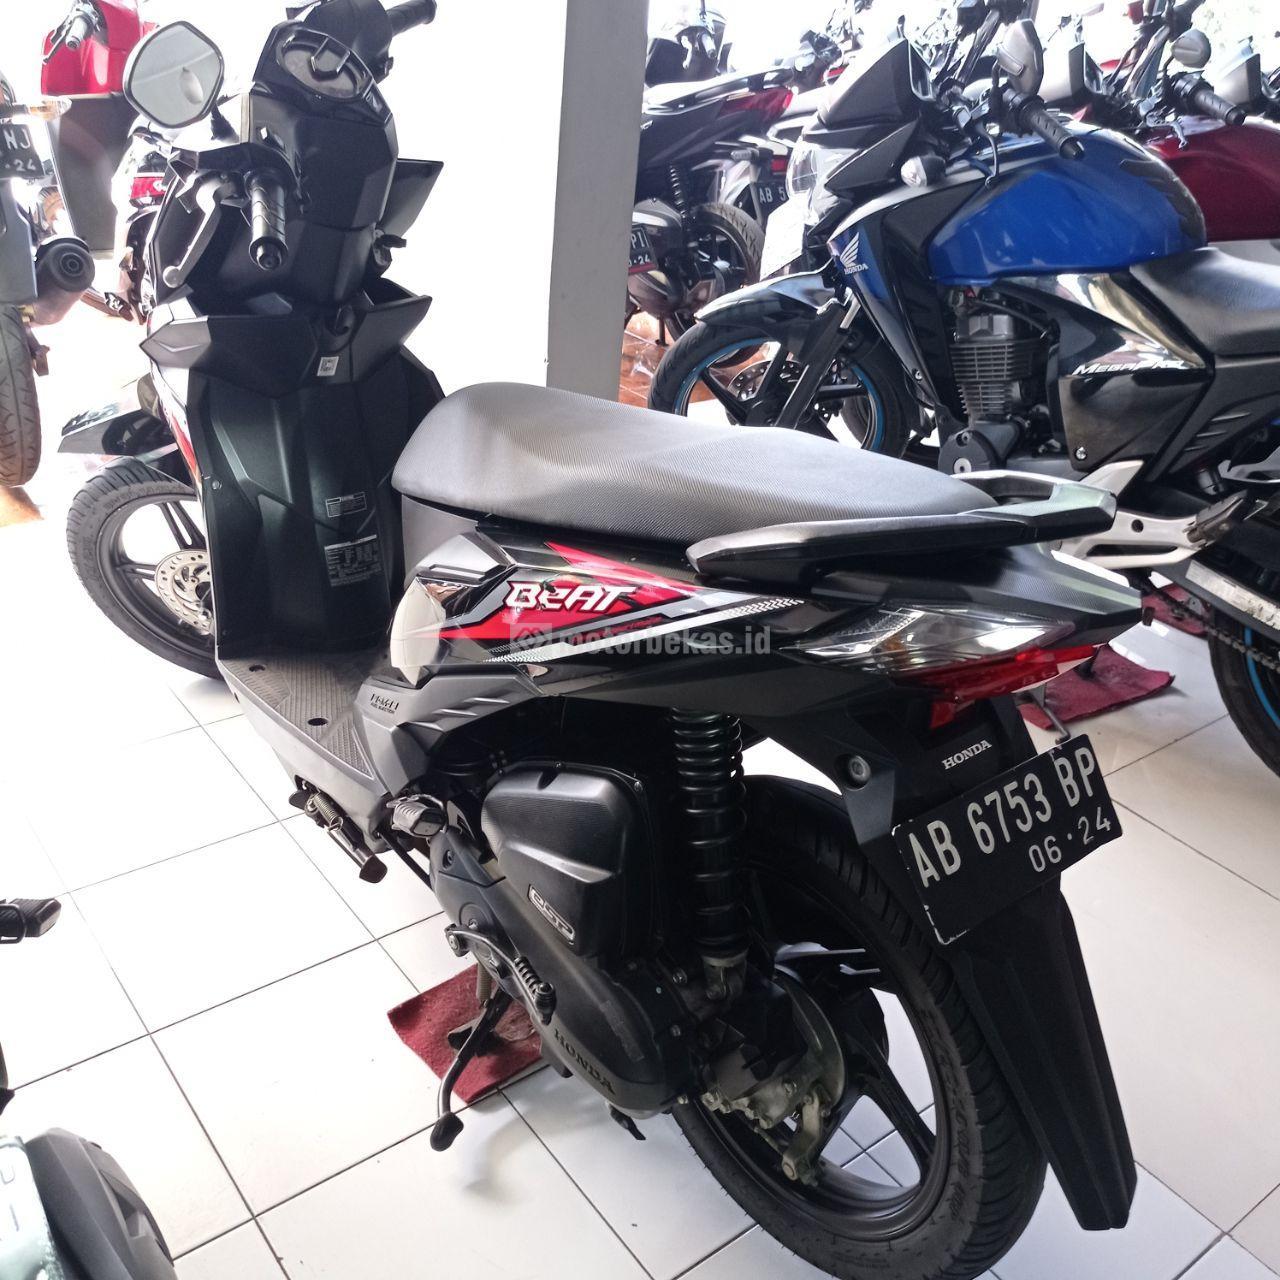 HONDA BEAT  452 motorbekas.id